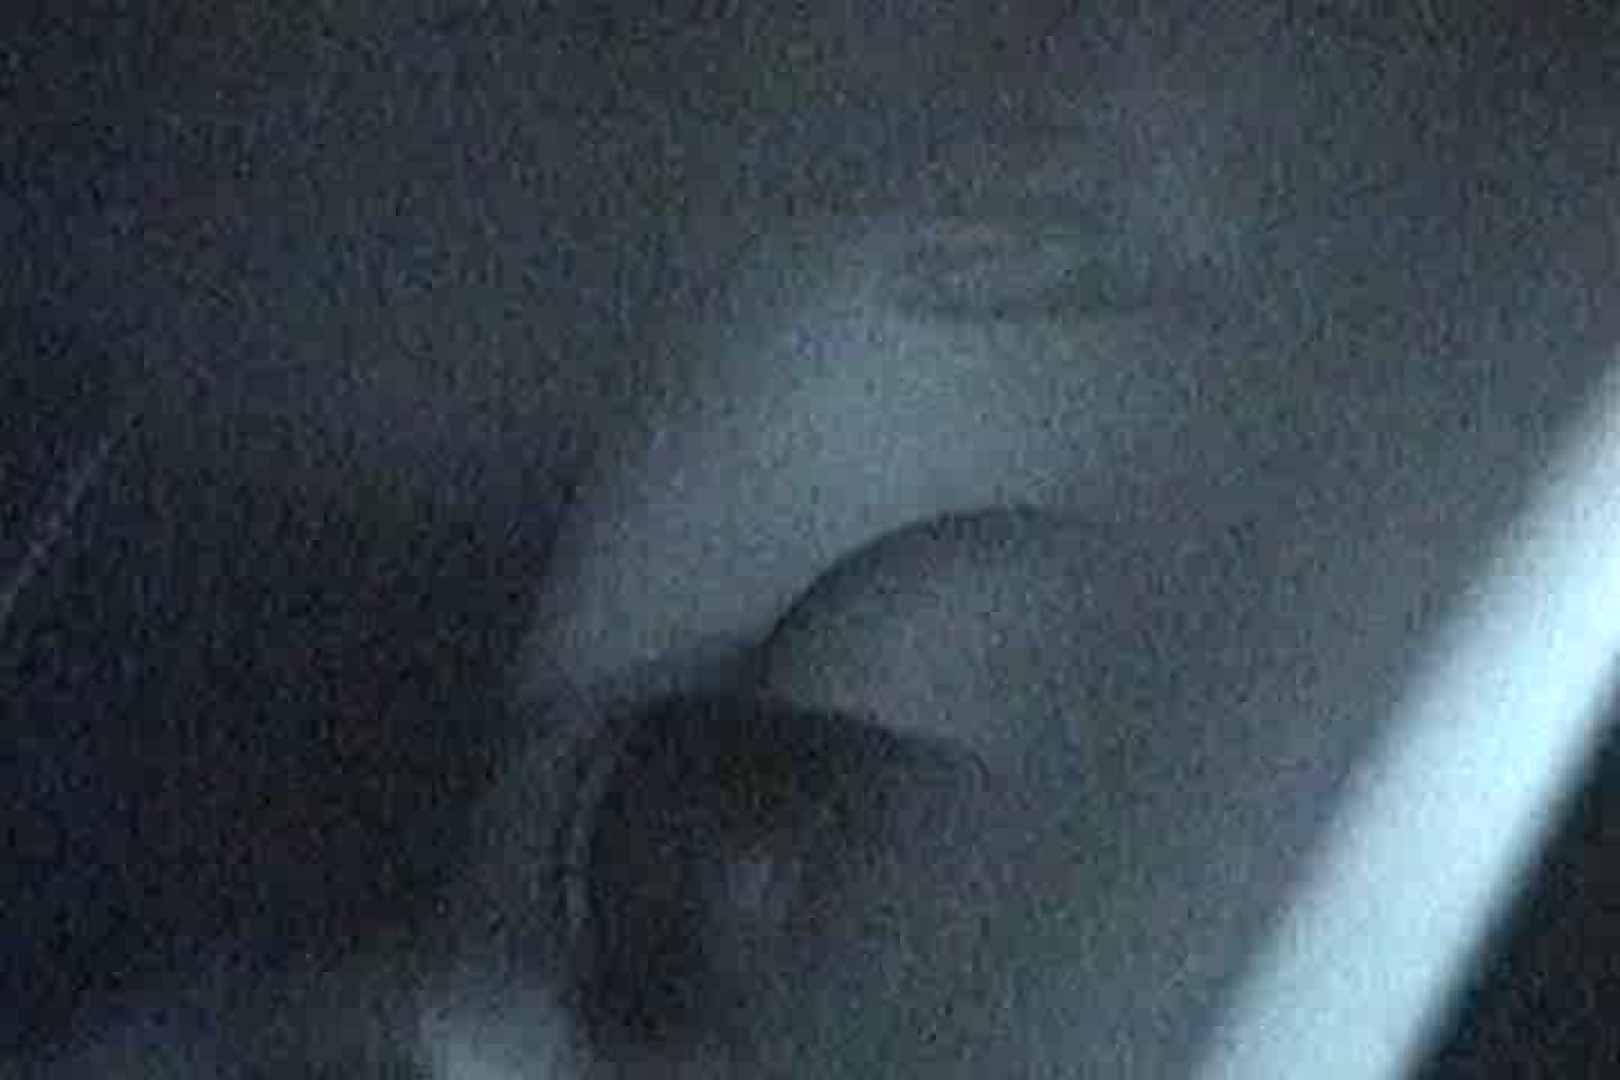 充血監督の深夜の運動会Vol.8 チクビ オマンコ無修正動画無料 106画像 19